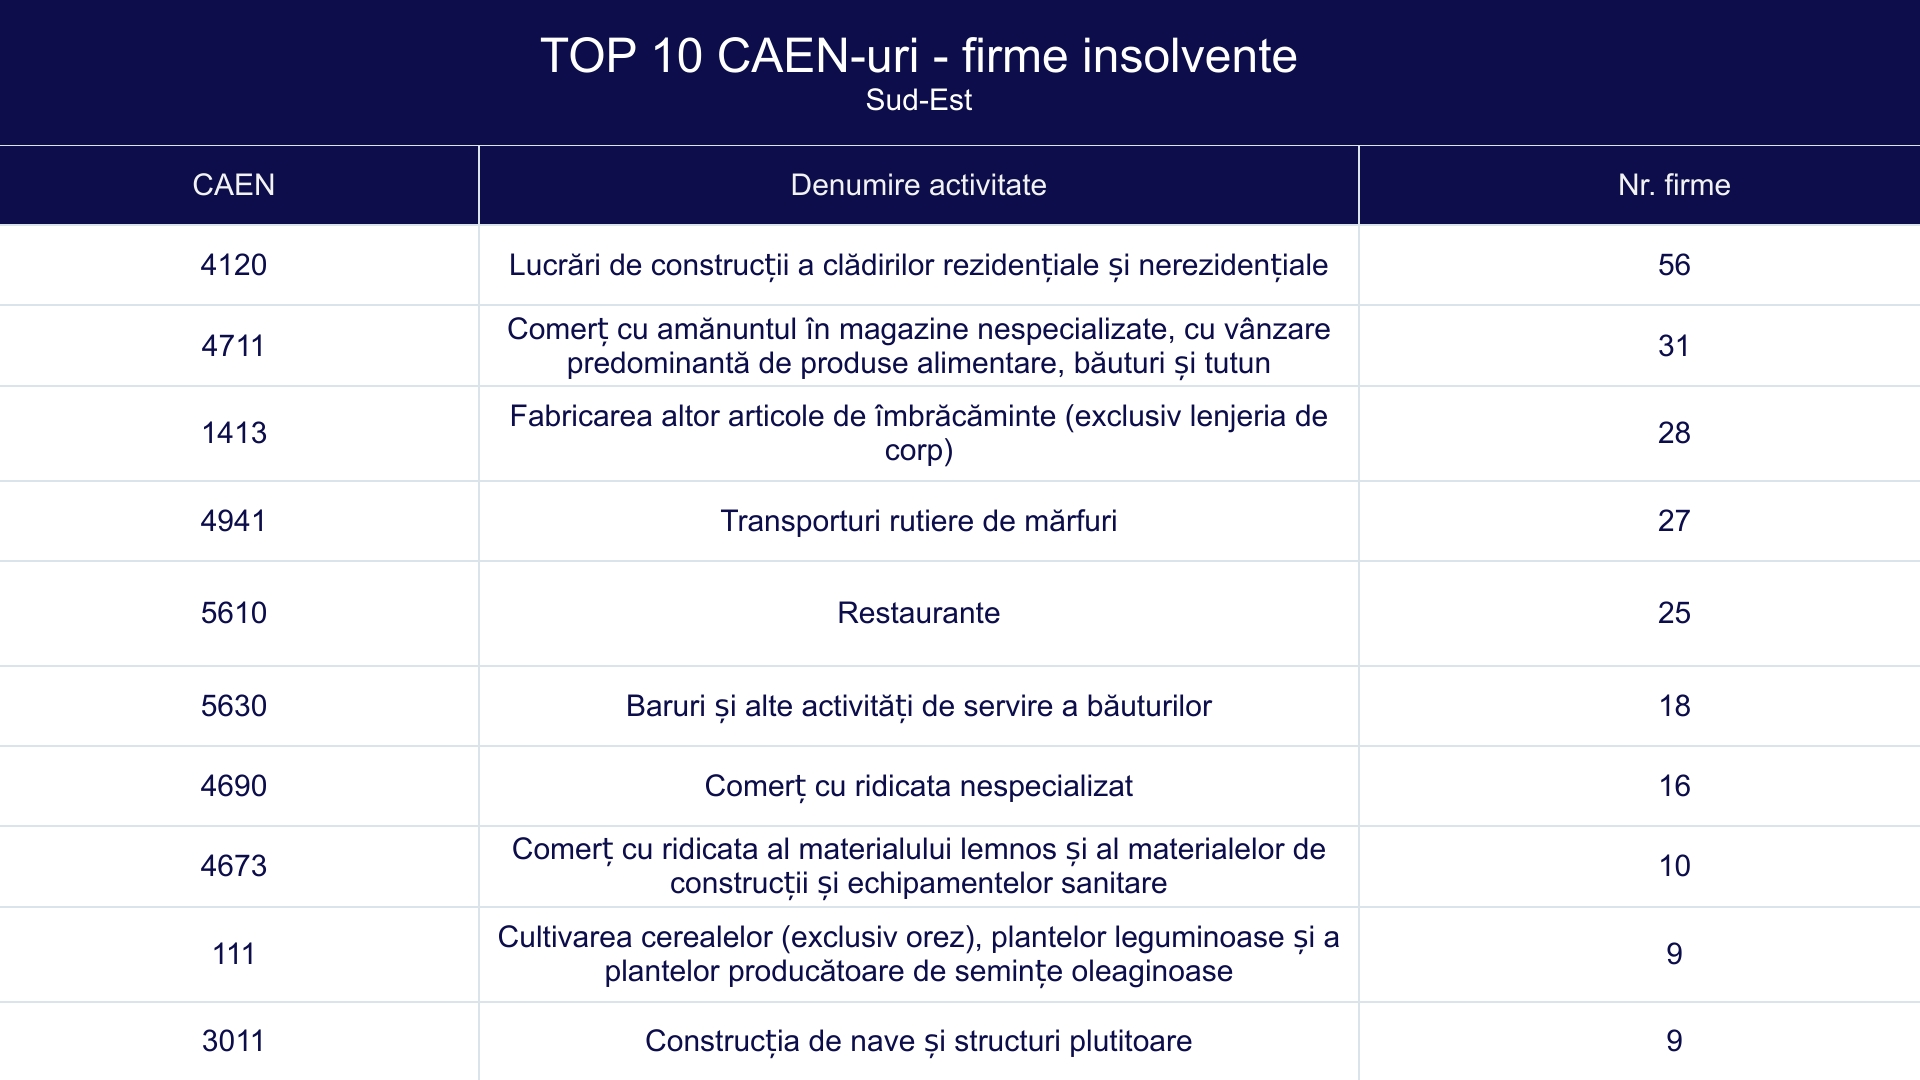 TOP 10 CAEN-uri - firme insolvente - Sud-Est